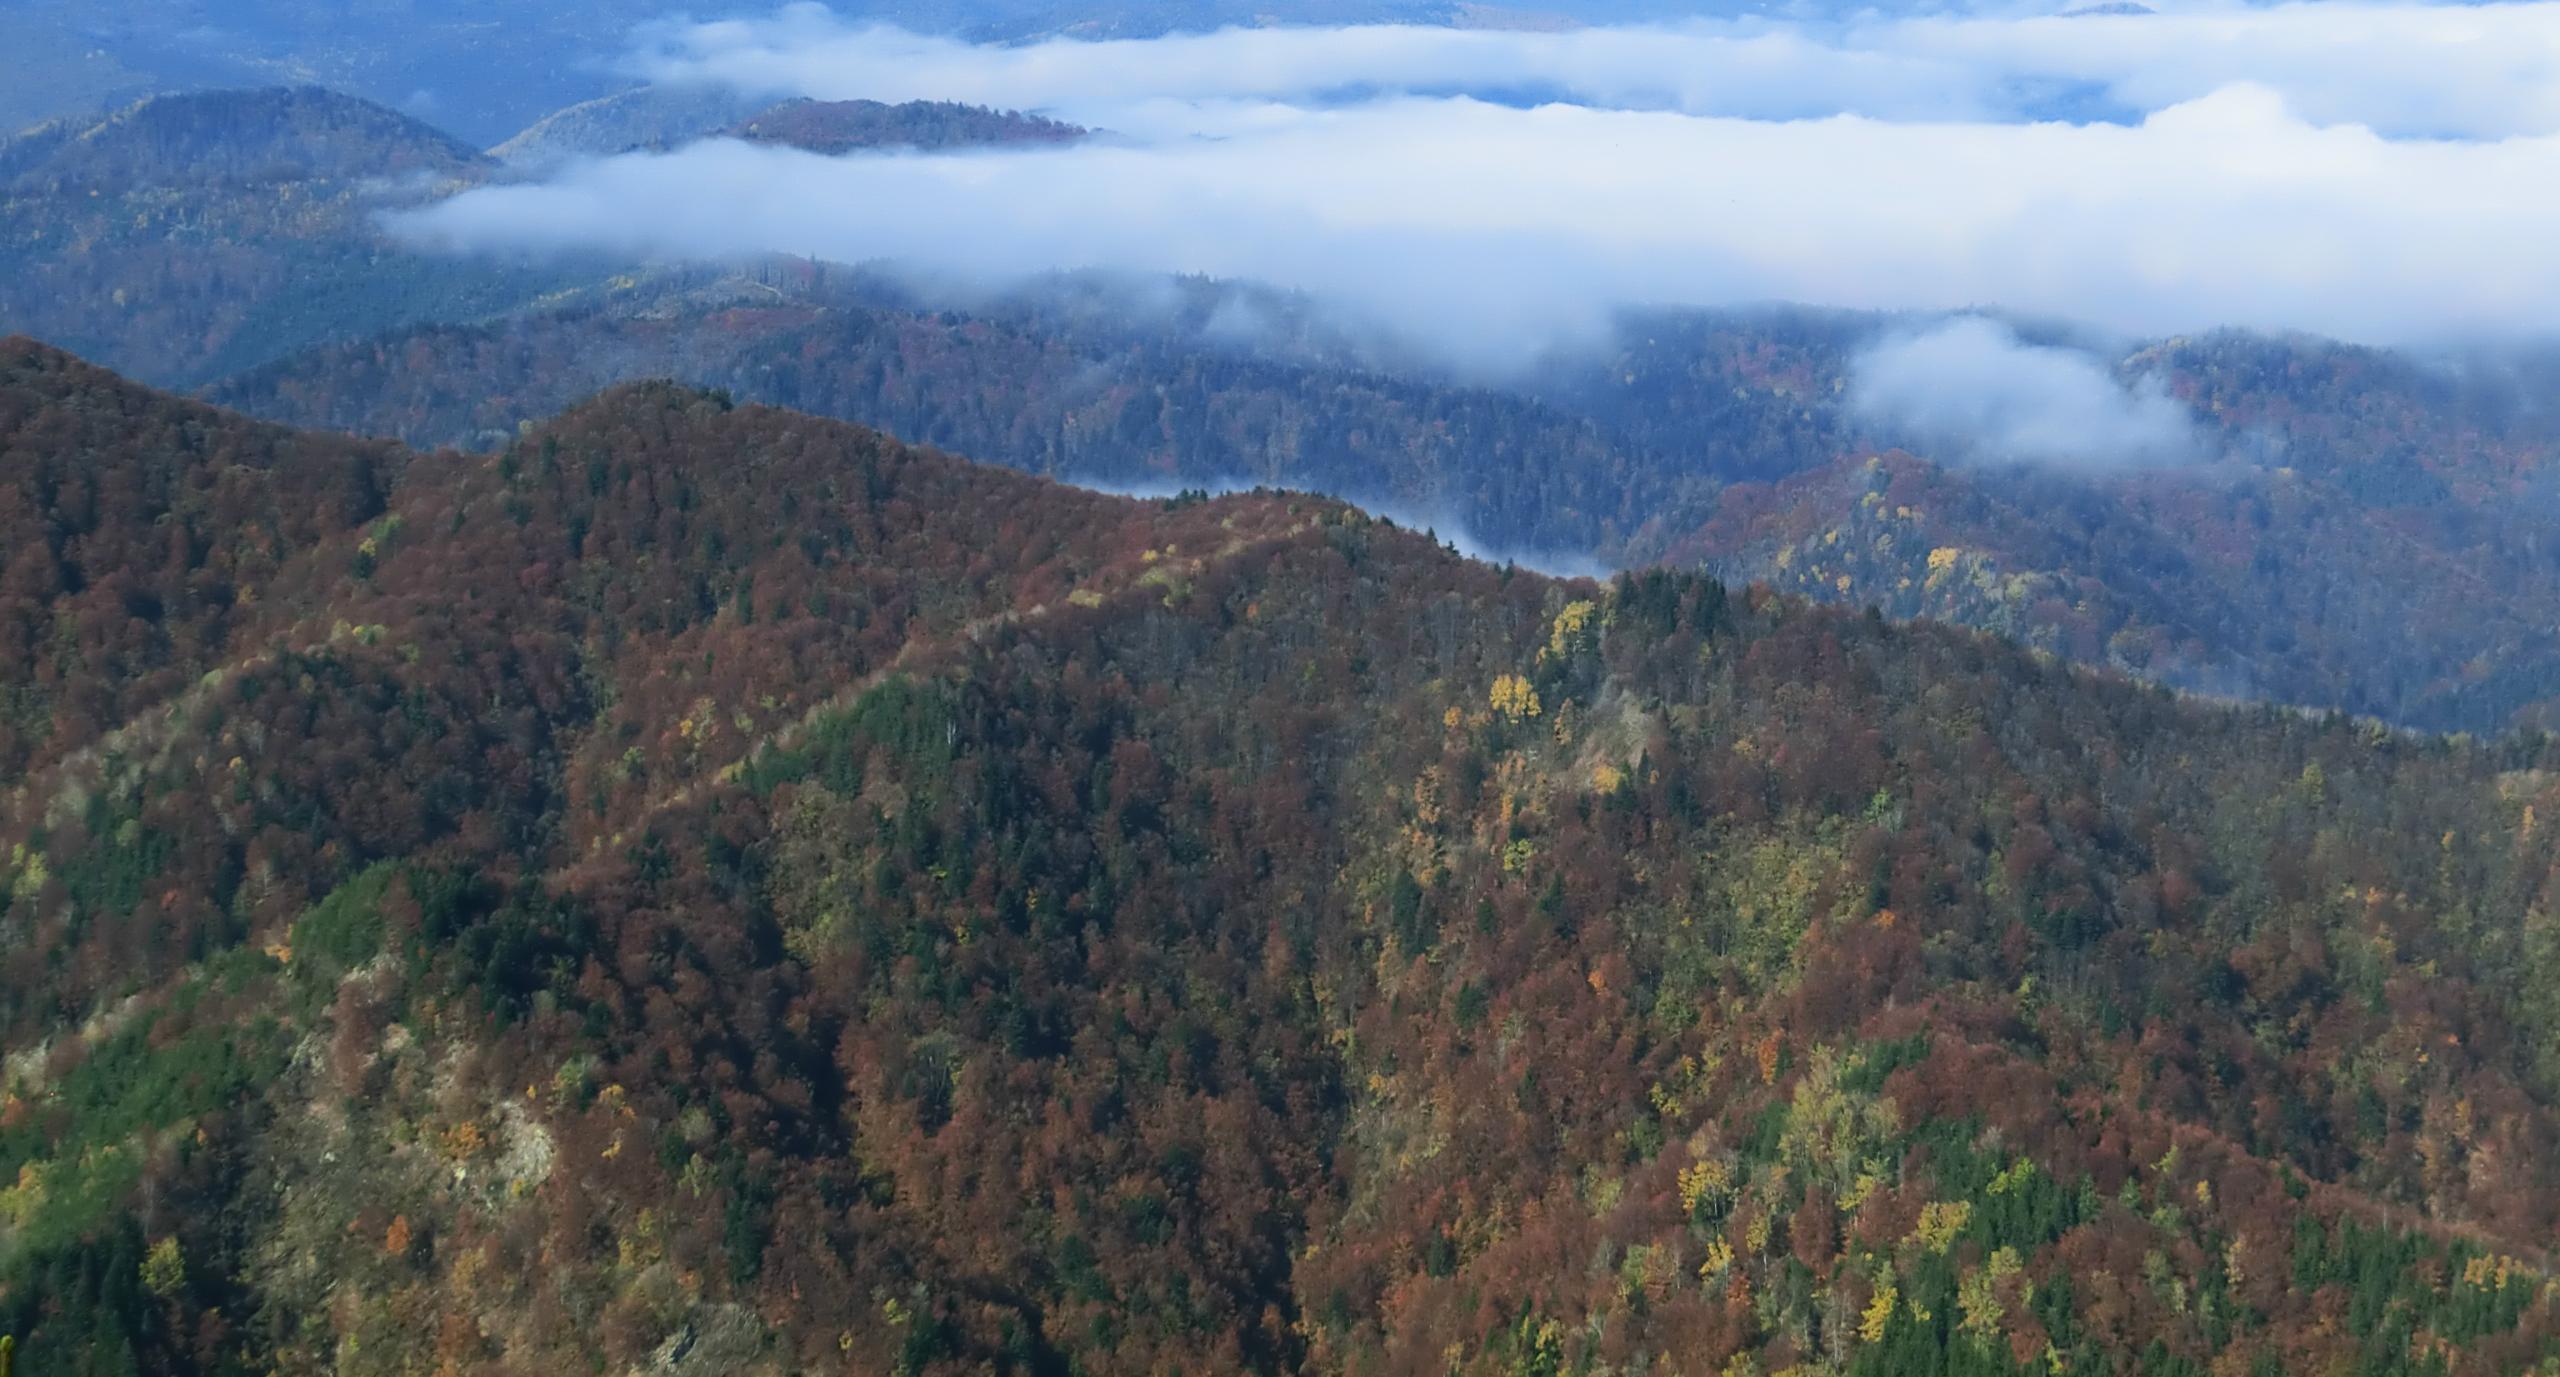 173 - 13.10.2013 - De pe culmea Gurguiata - Tură Muntele Coza